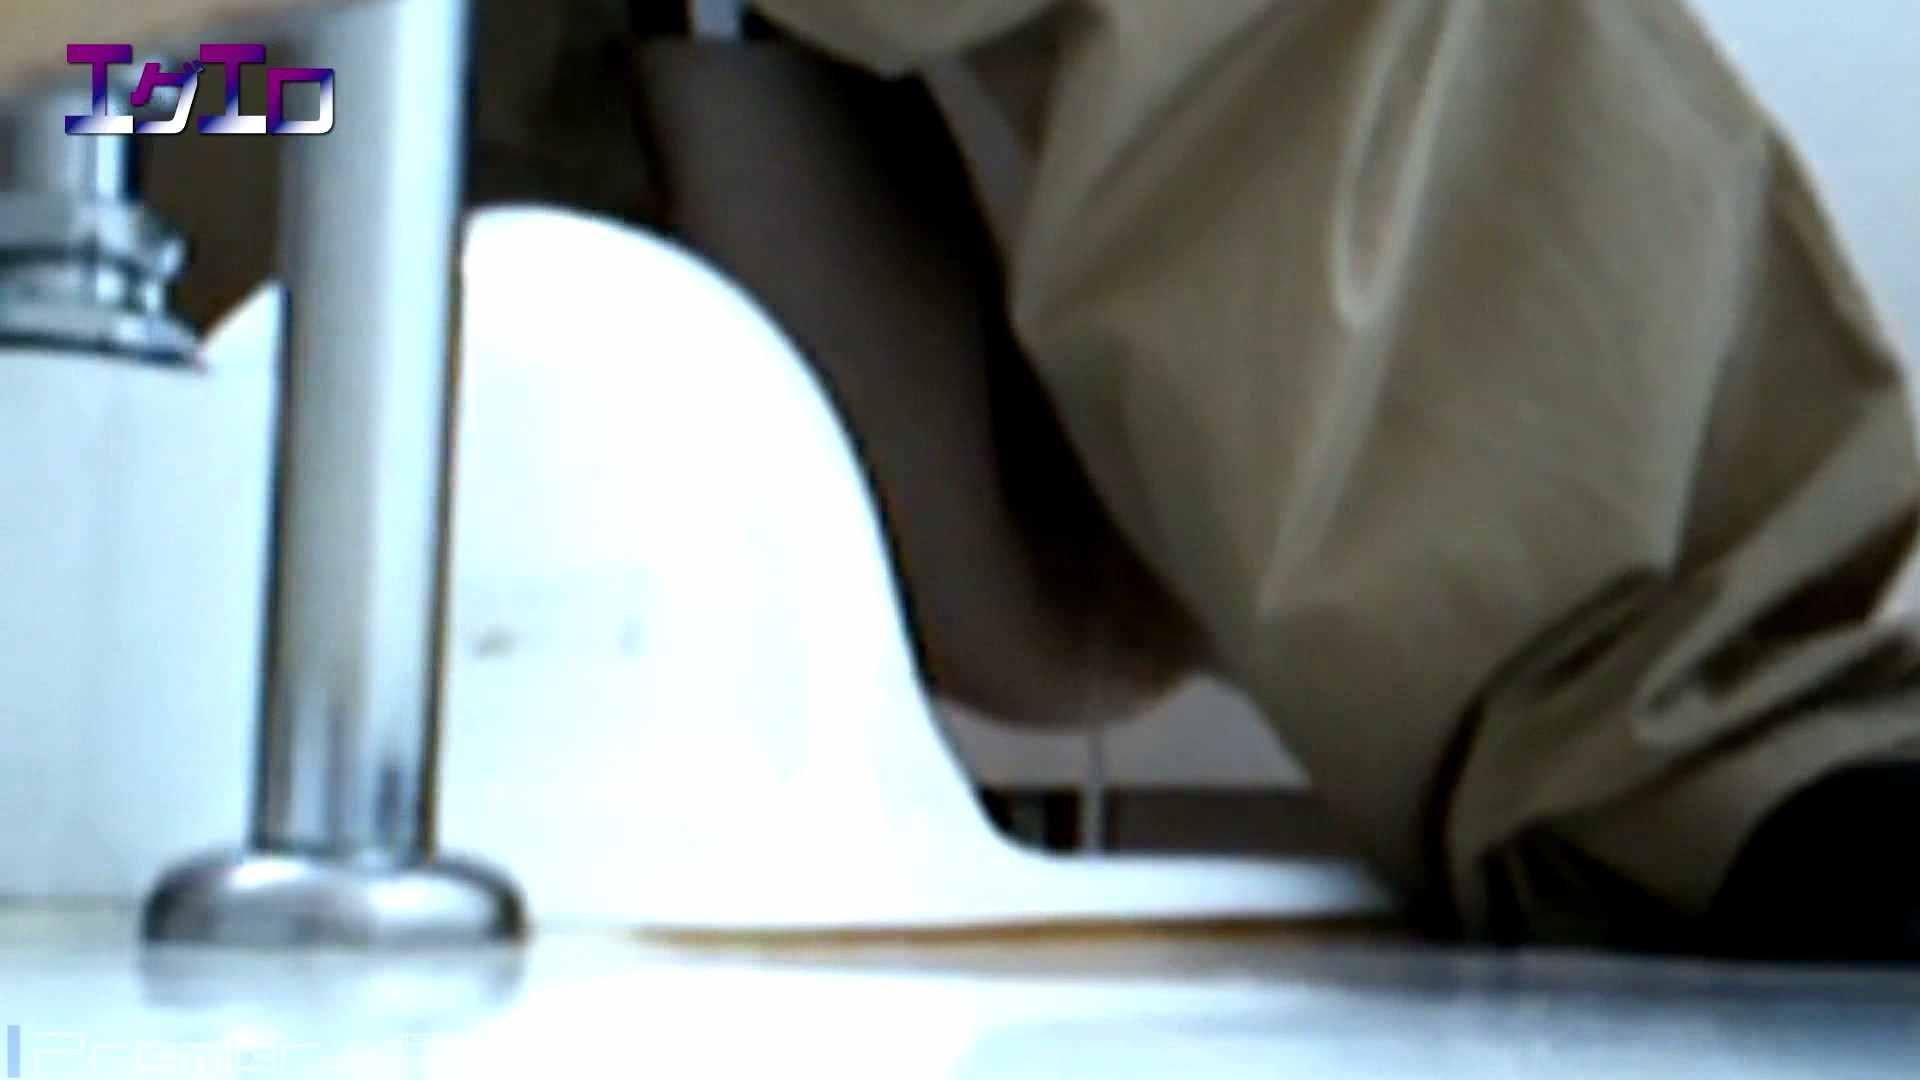 至近距離洗面所 Vol.11 洗面所 | OLのボディ  88PIX 1